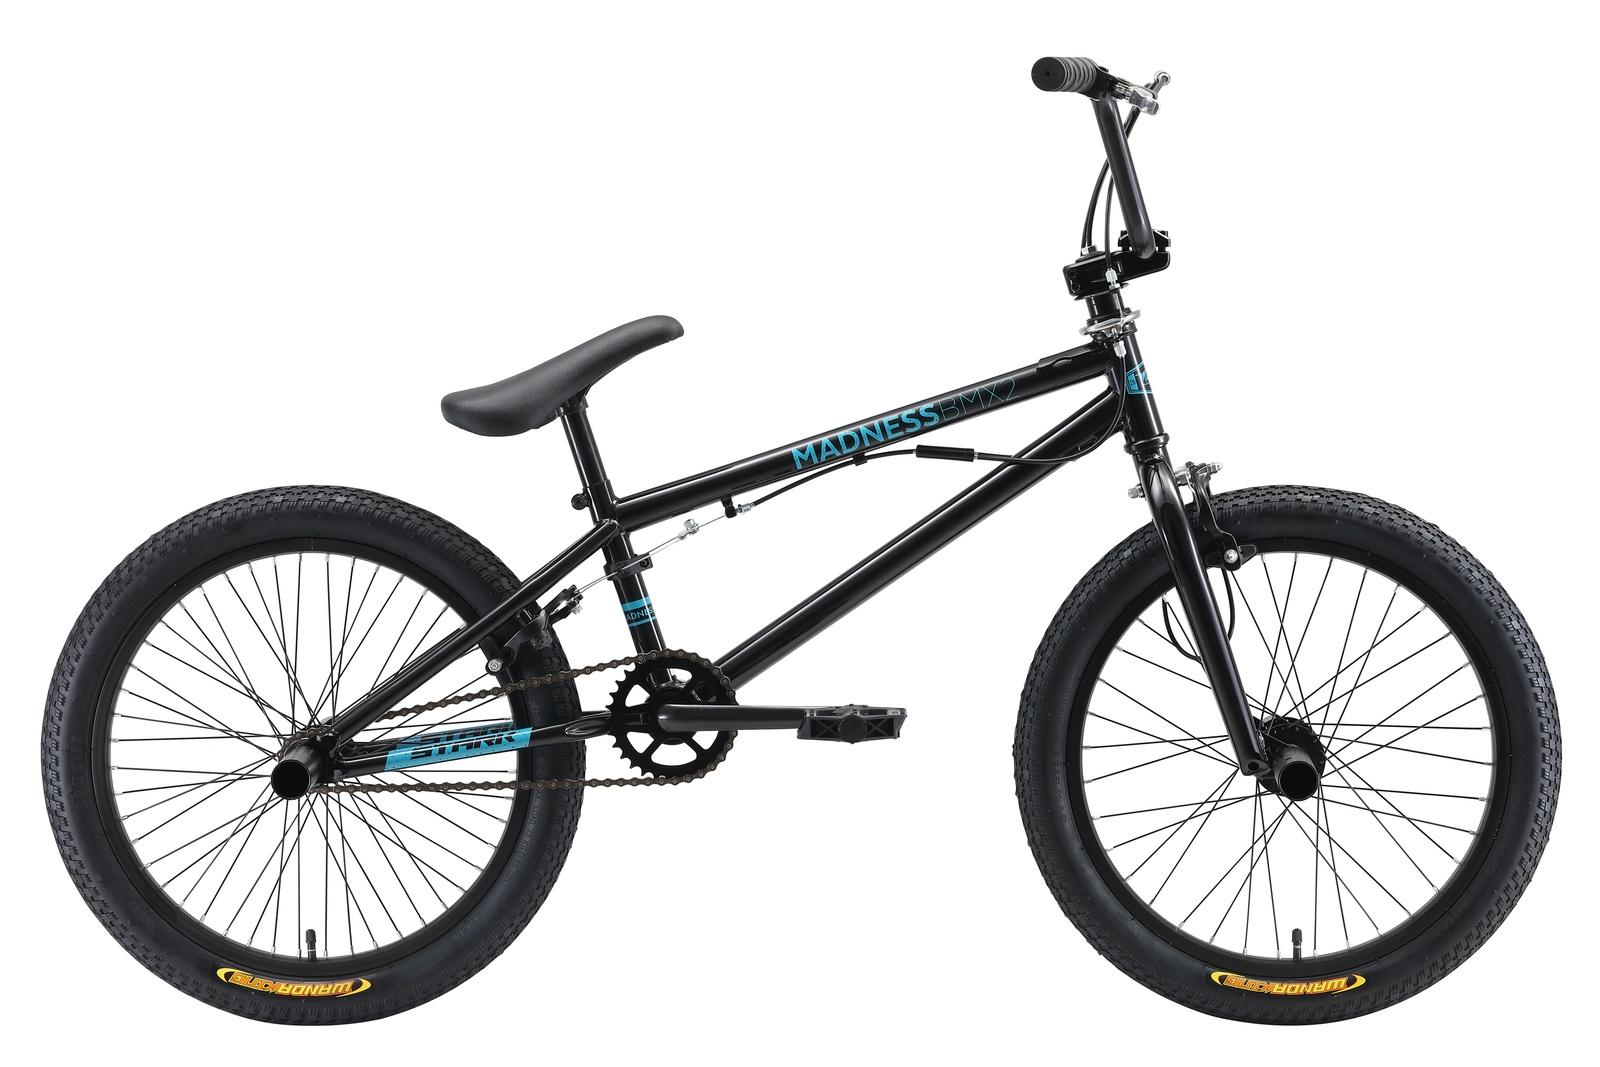 Велосипед Star Madness BMX 2 20 2019, черный, голубой цена